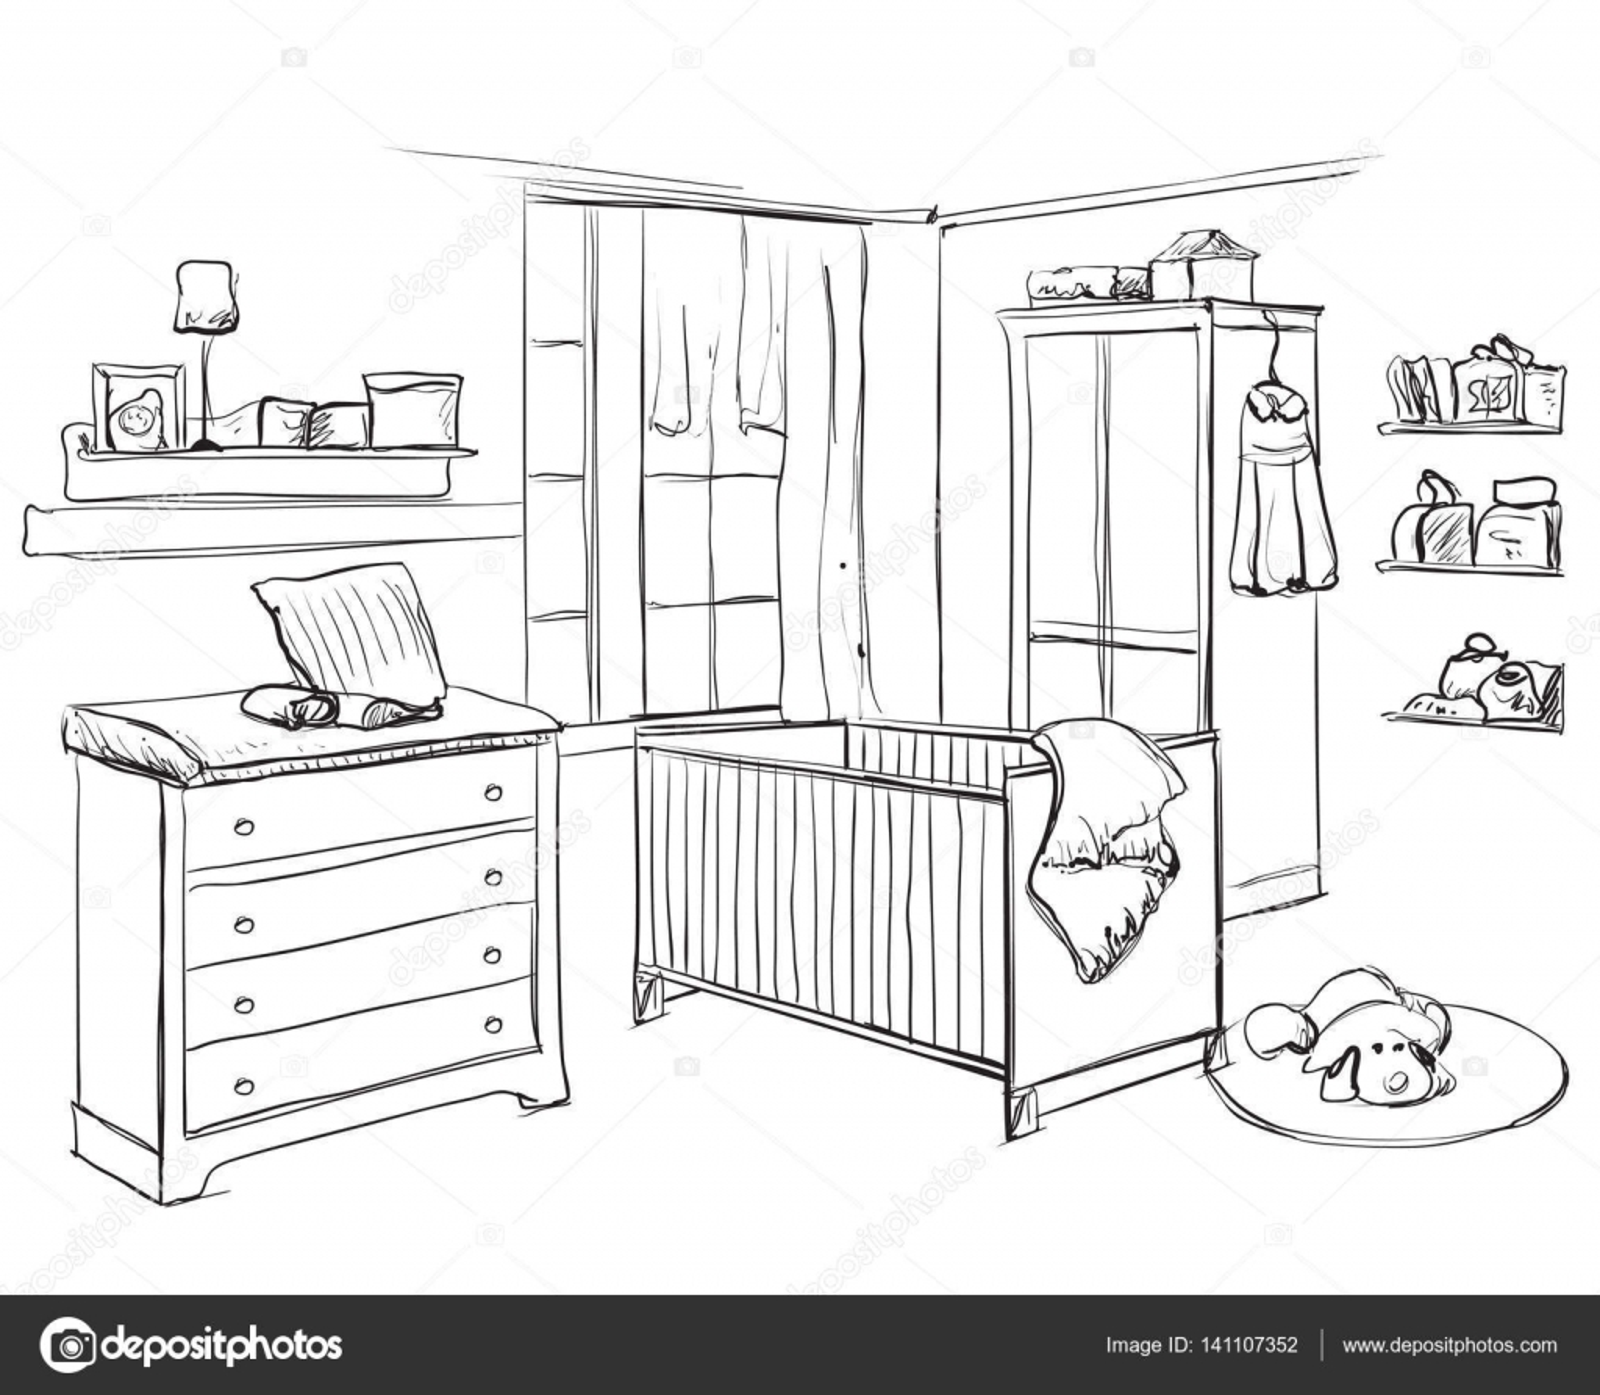 Dibujo de habitacion de ni o mano dibuja la habitaci n - Dibujos habitacion bebe ...